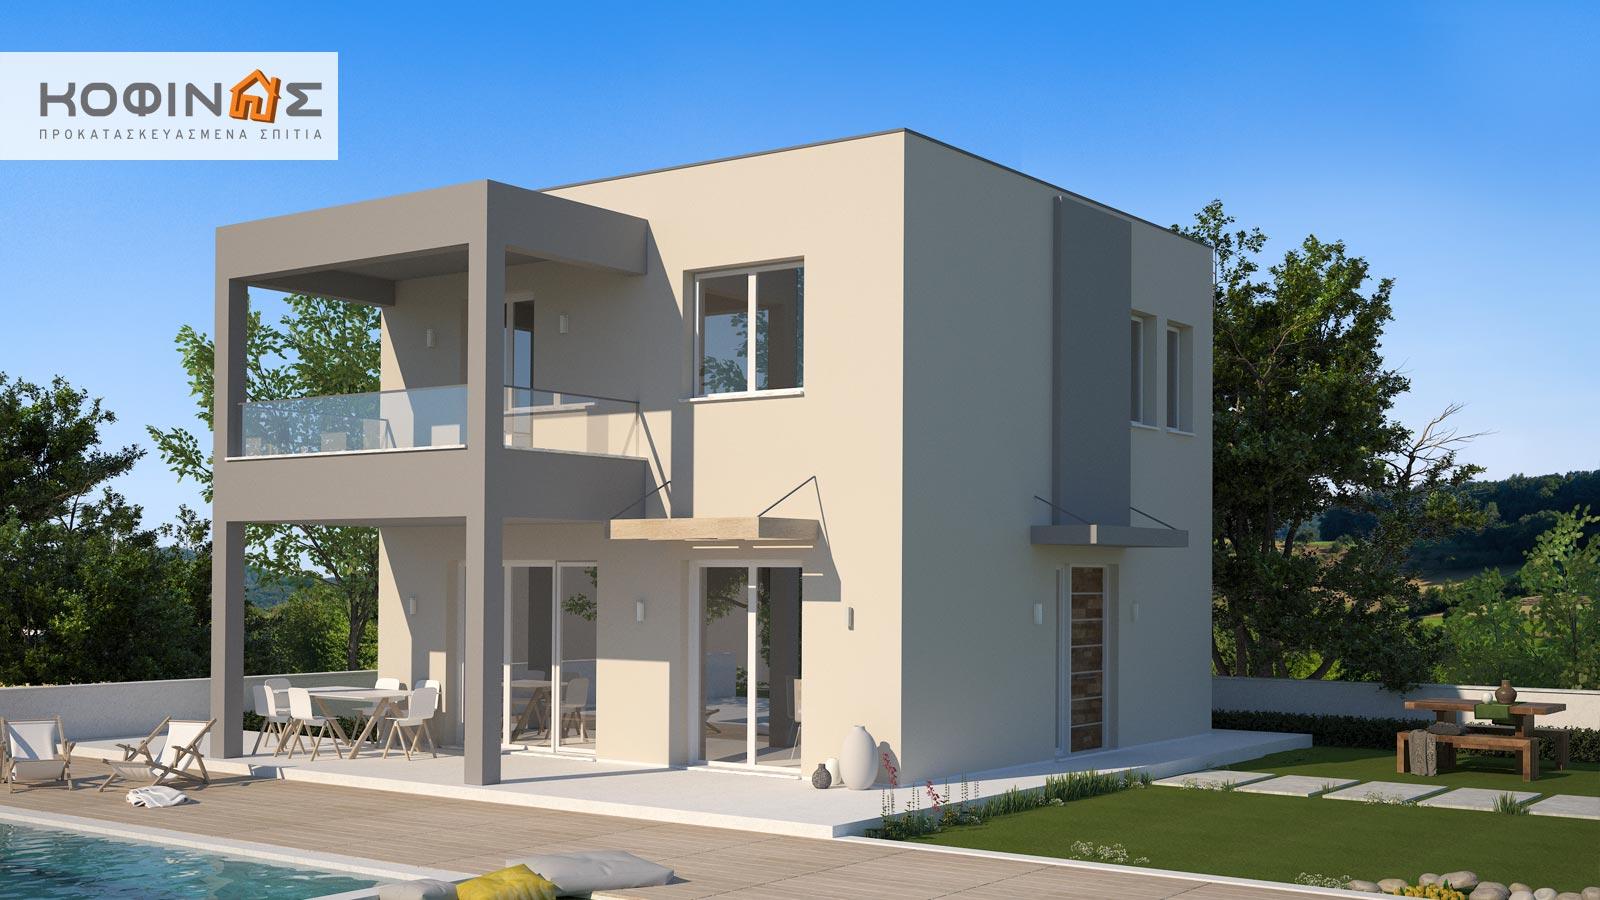 Διώροφη Κατοικία KD1-115, συνολικής επιφάνειας 115,52 τ.μ.